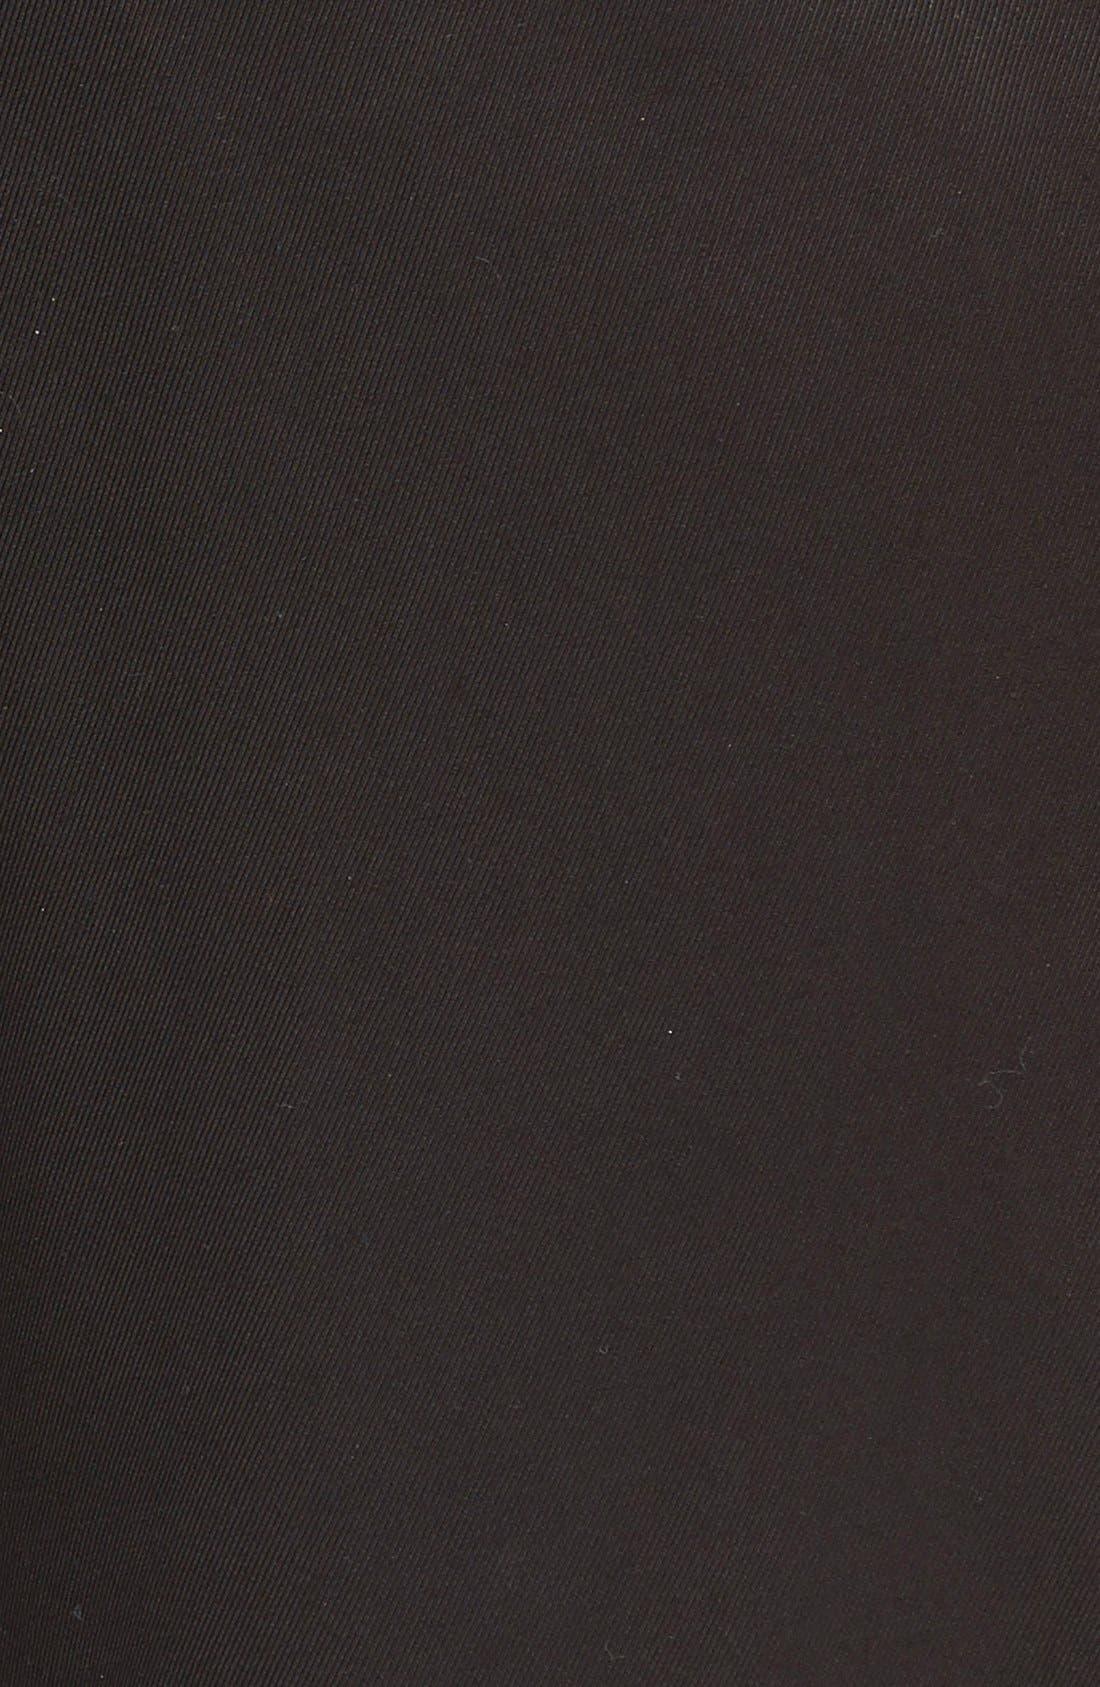 HUDSON JEANS, 'Vanish' Plaid Chino Pants, Alternate thumbnail 2, color, 001